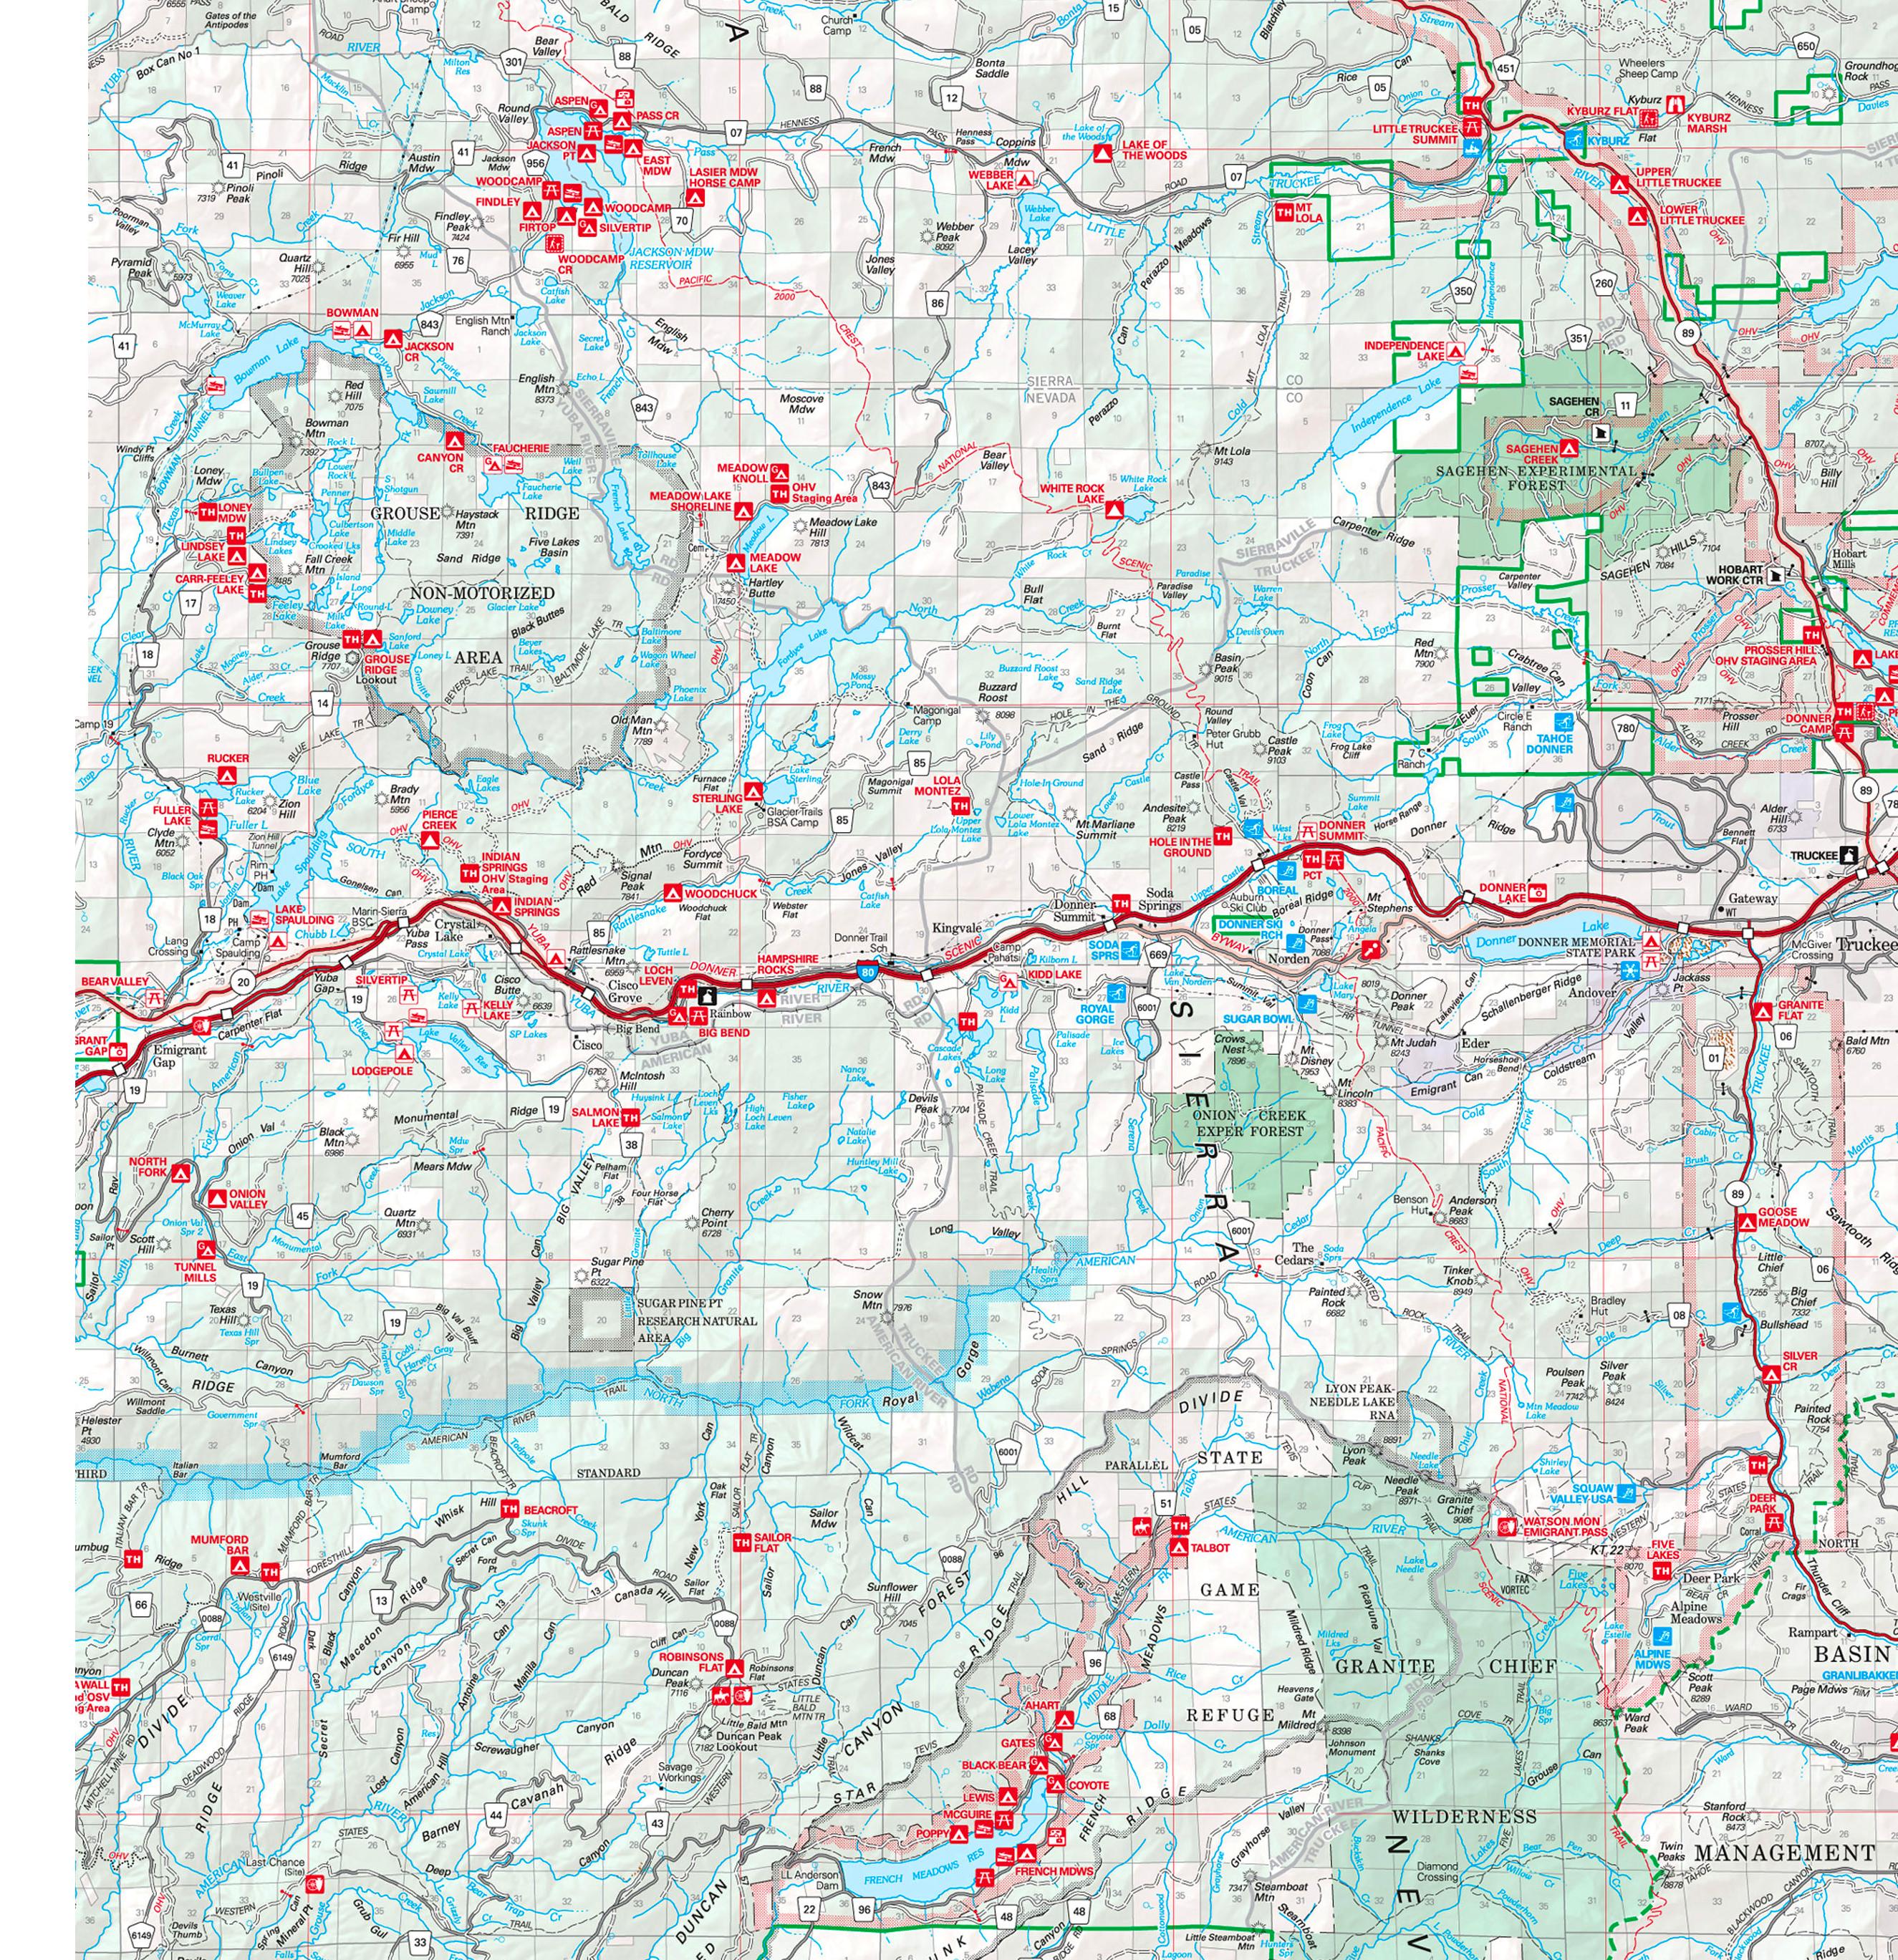 Lake Tahoe West Shore Information - North lake tahoe map